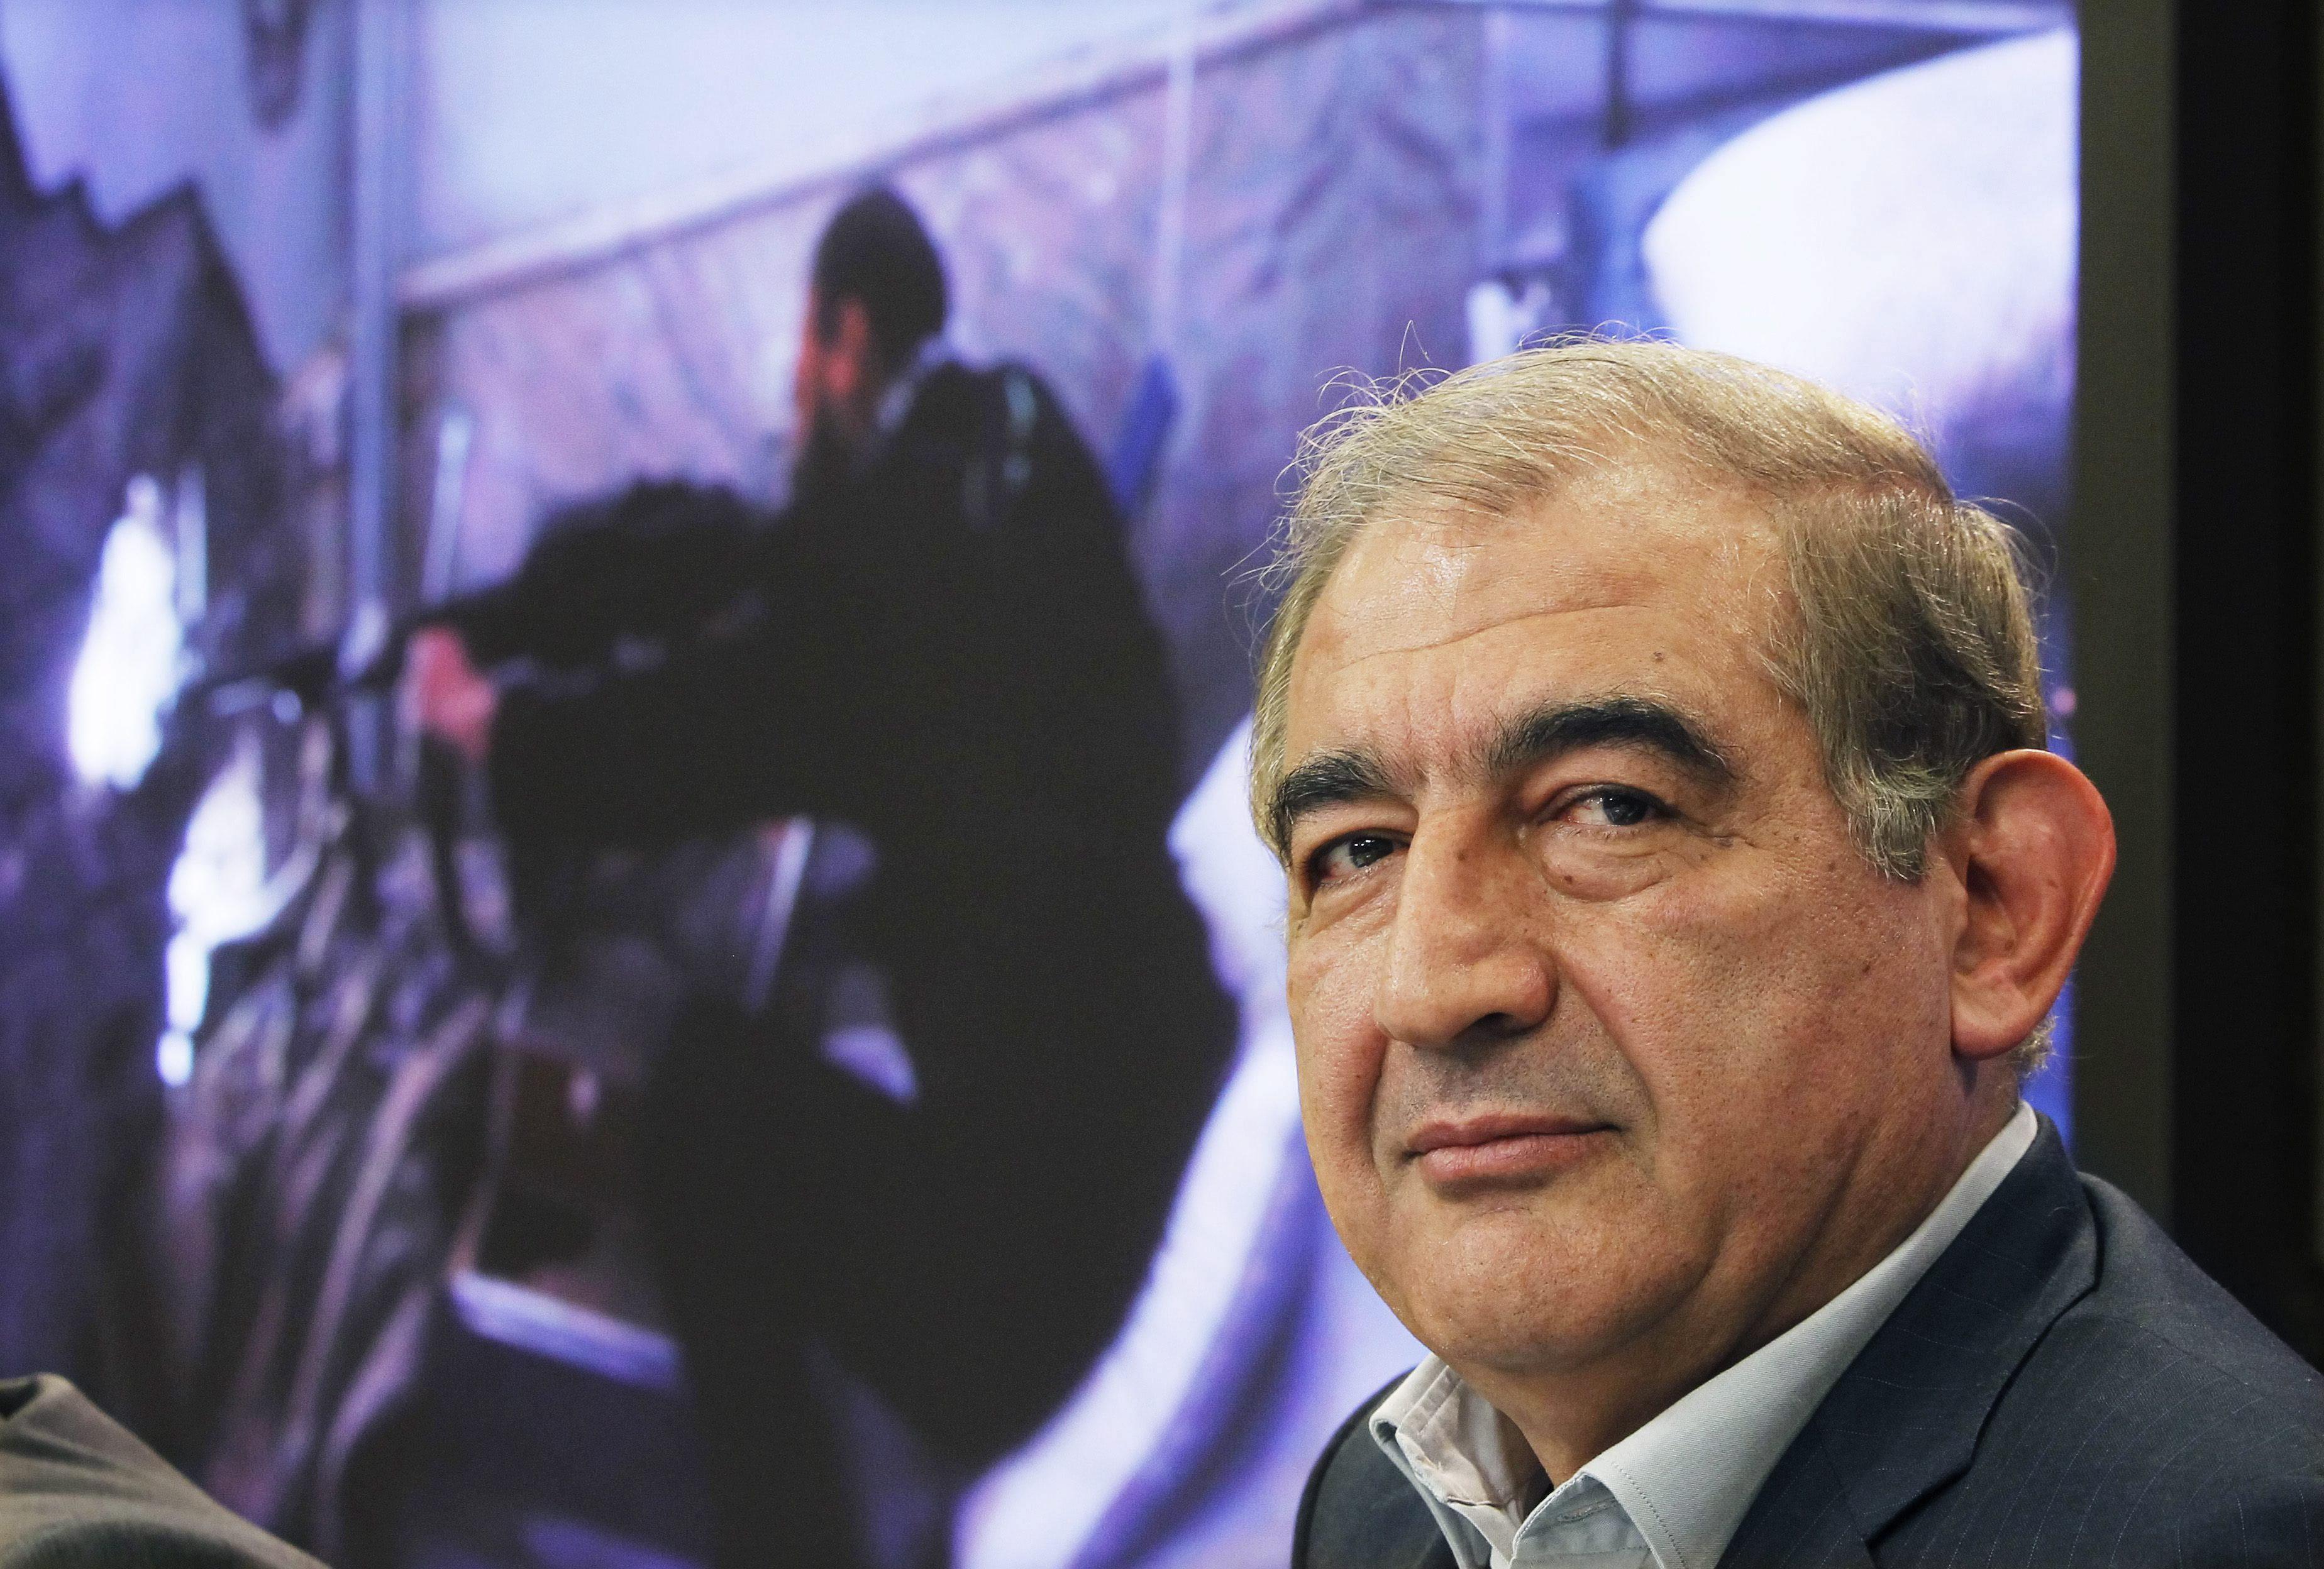 El viceprimer ministro sirio a favor de declarar el cese del fuego en Ginebra